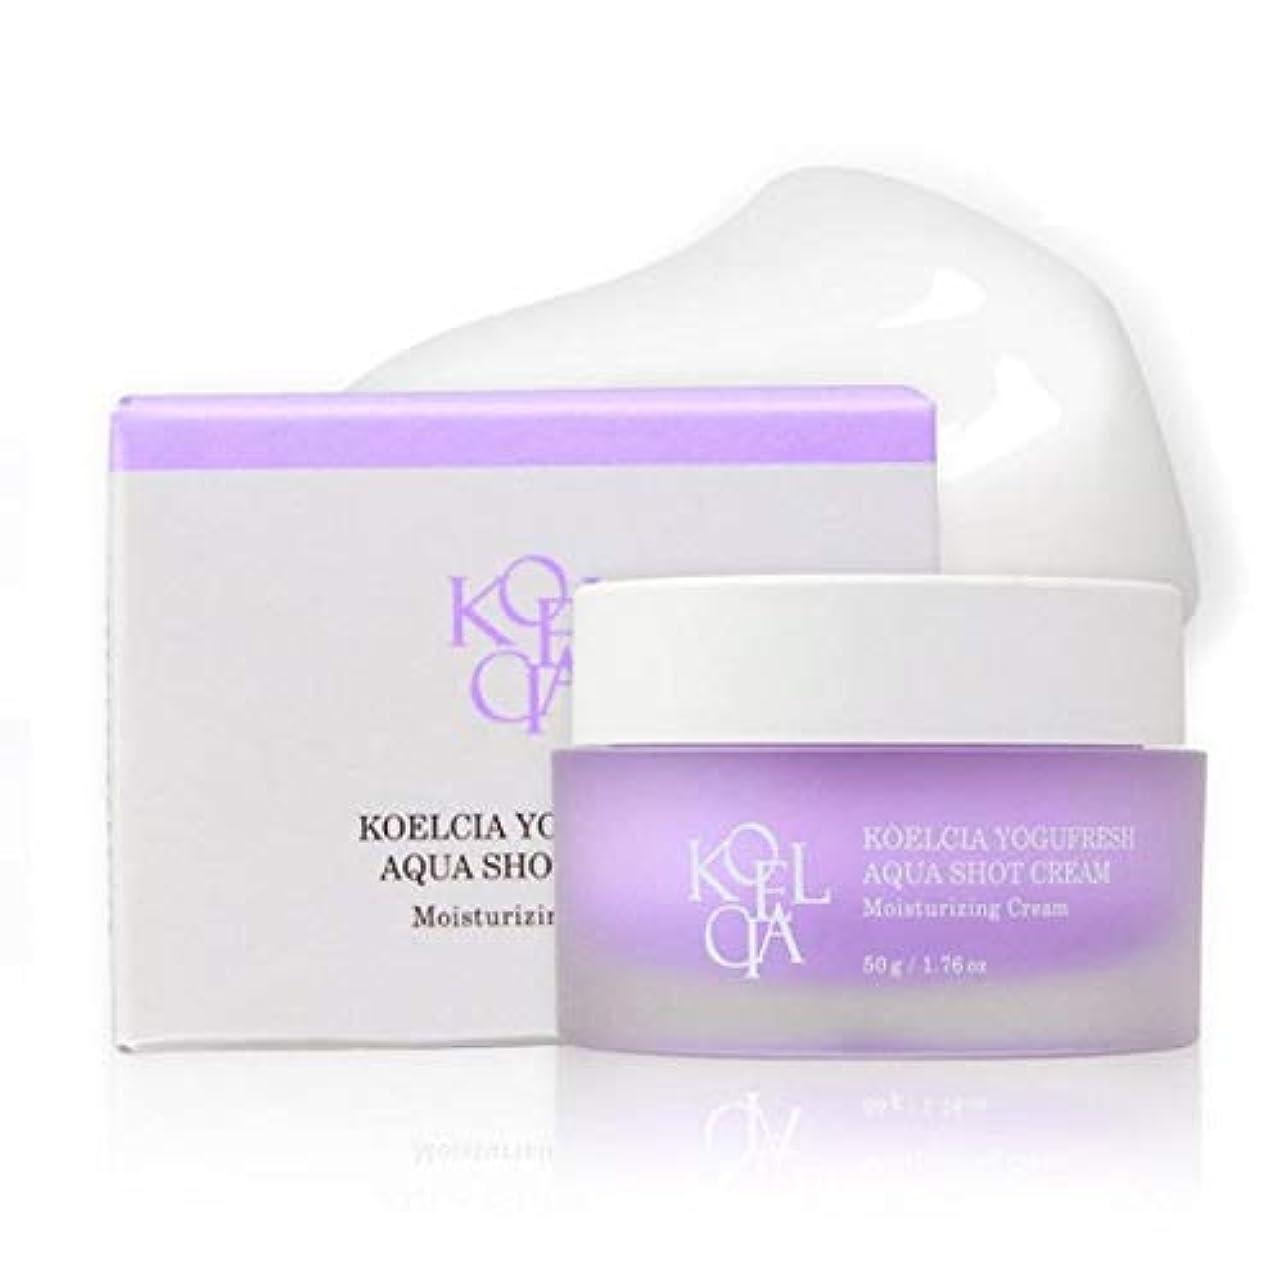 派生するモーター骨折KOELCIA YOGUFRESH AQUA SHOT CREAM 50g/Hot K-Beauty Best Moisture Cream/Korea Cosmetics [並行輸入品]